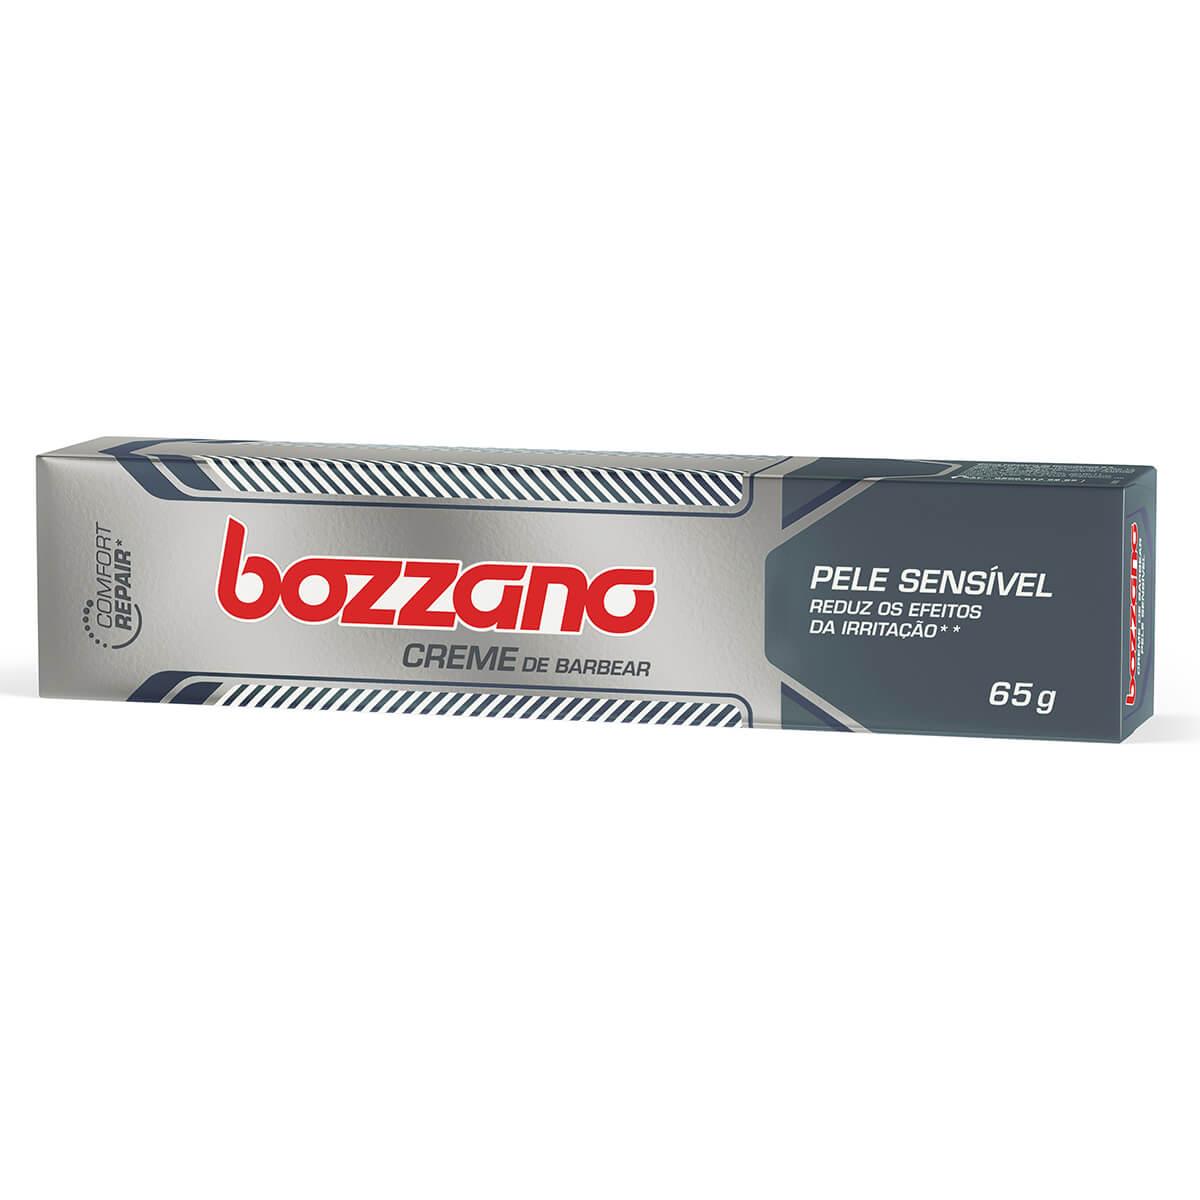 Creme de Barbear Bozzano Pele Sensível com 65g 65g